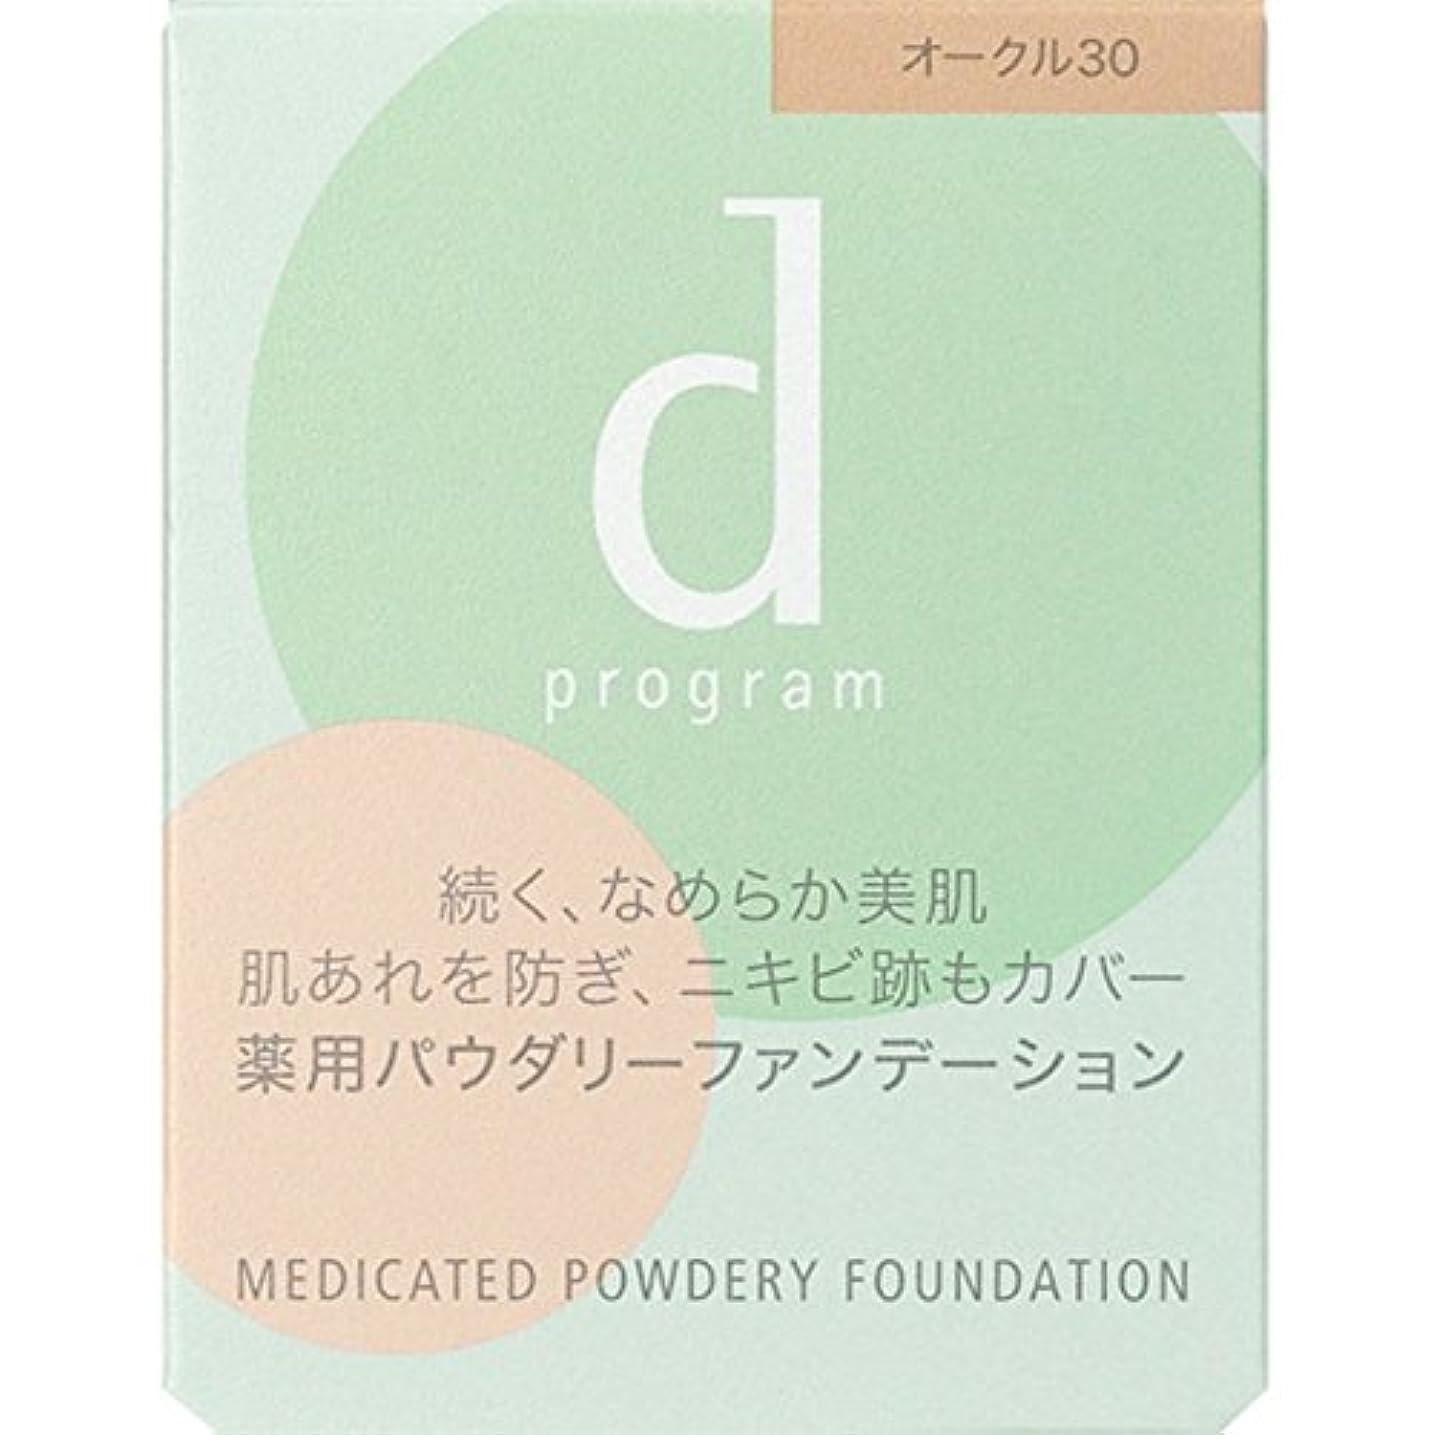 天気おめでとう発行する資生堂インターナショナル dプログラム メディケイテッド パウダリーファンデーション OC30 (医薬部外品)